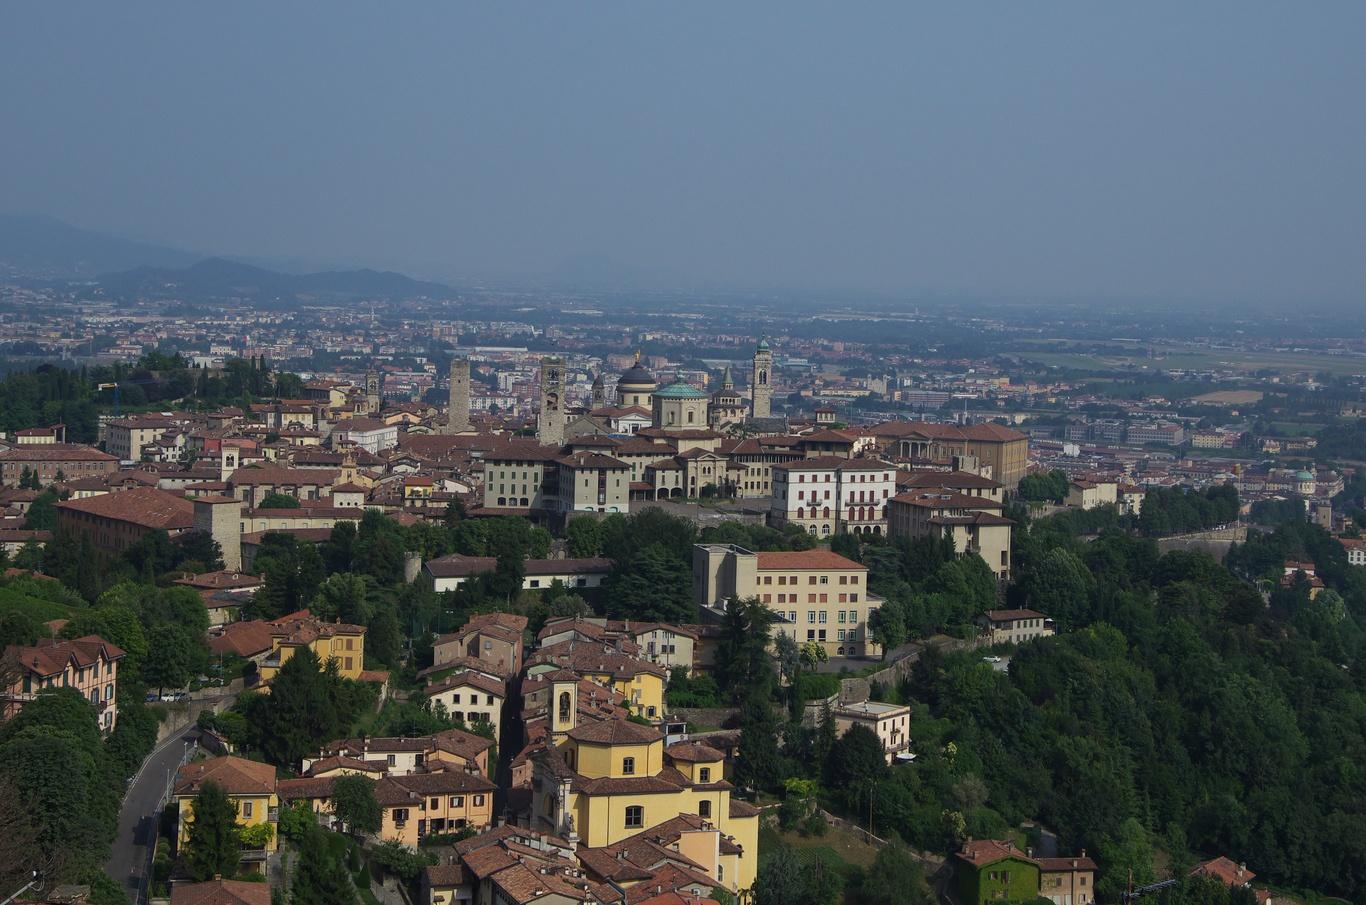 Pohled na Horní město, Bergamo